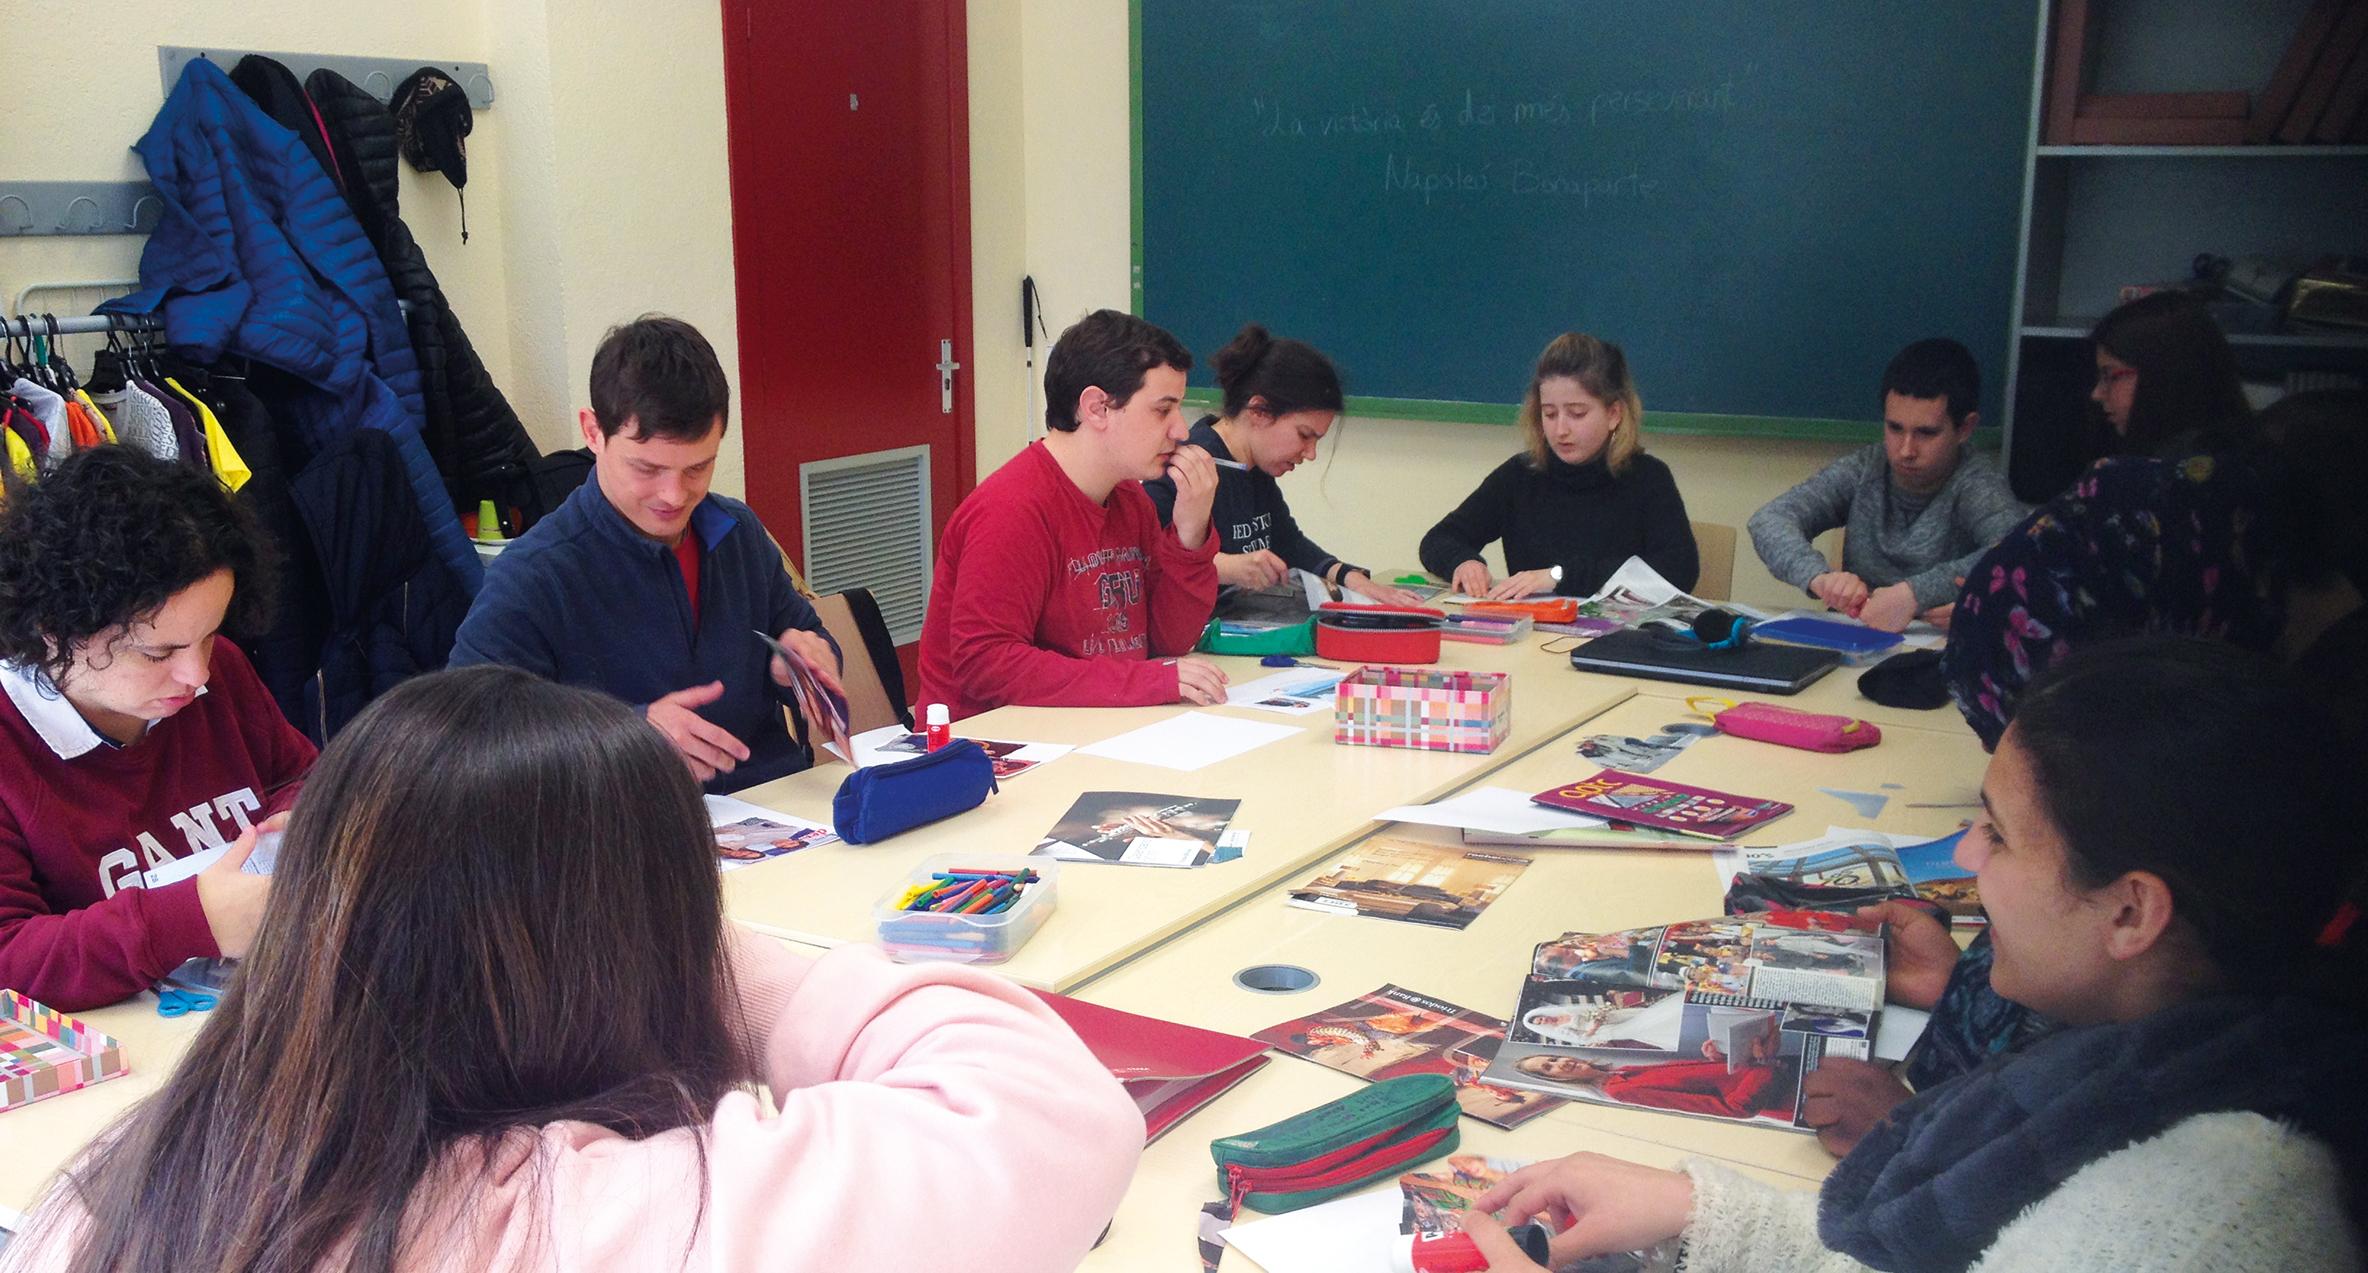 Àrea laboral d'Astrid-21. Formació ocupacional a grup de joves